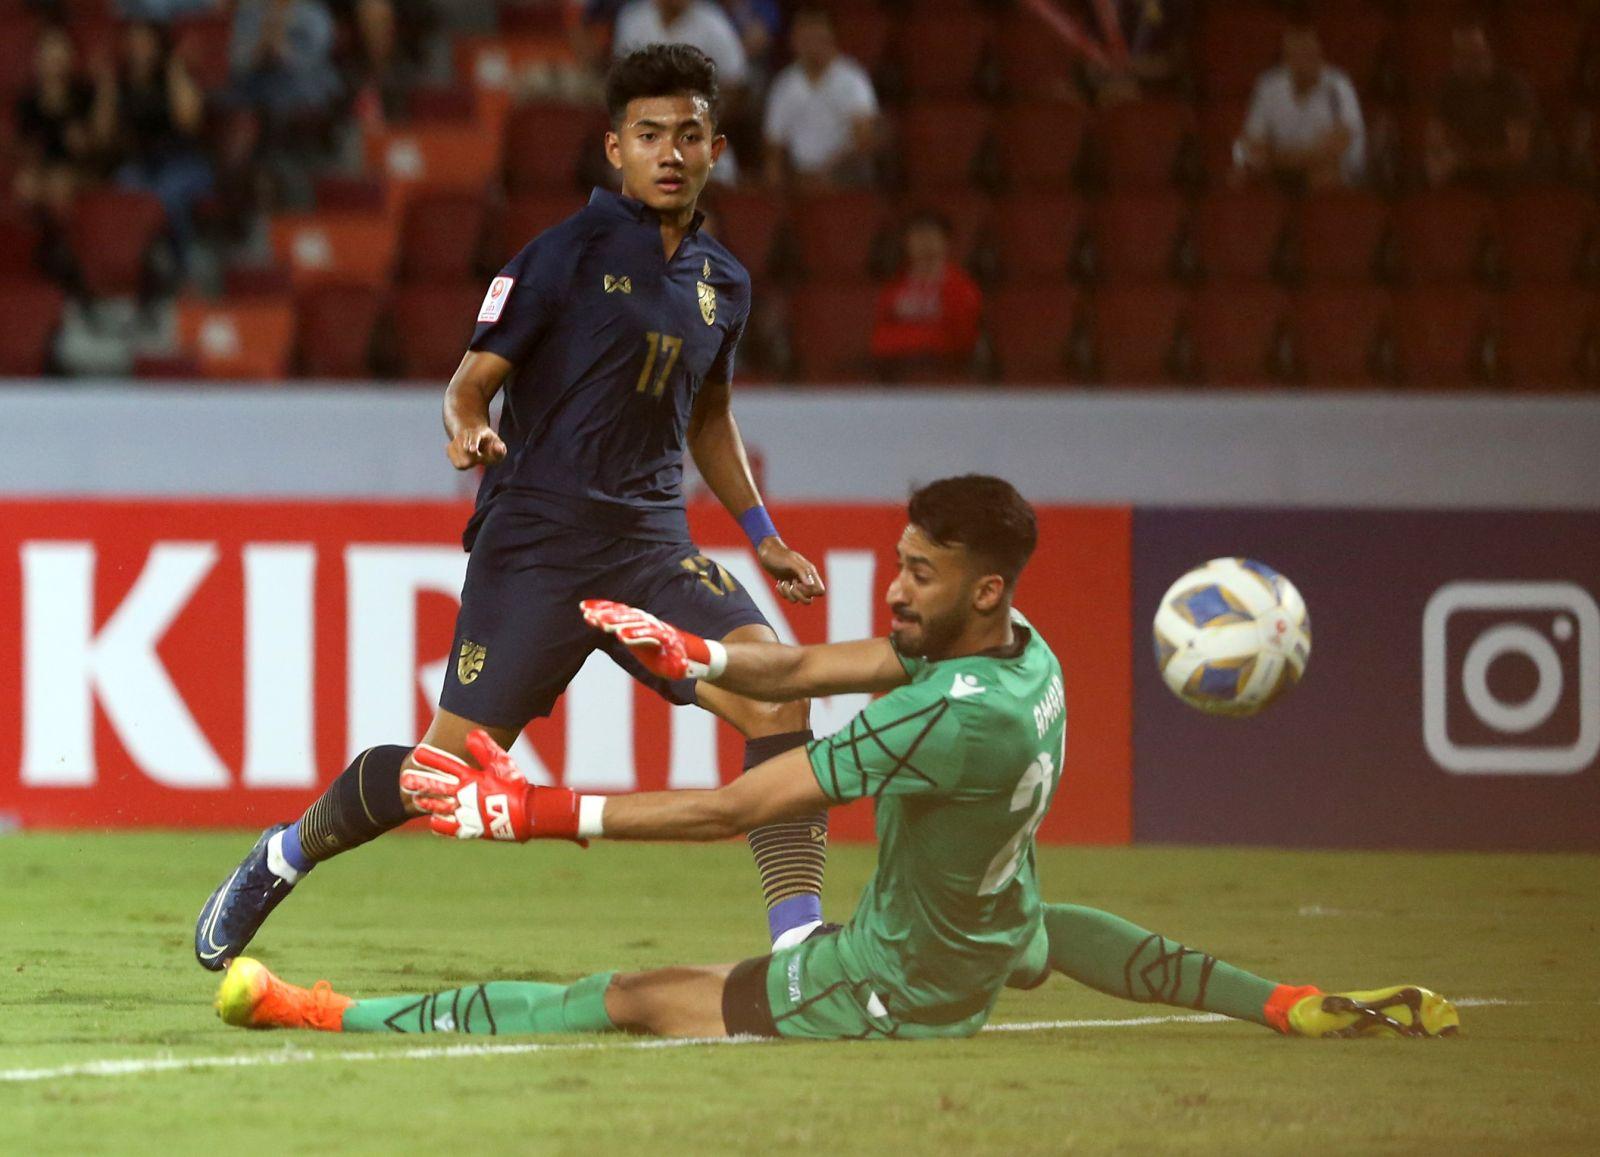 Thảm bại 5 bàn trước đối thủ, HLV Bahrain phải thốt lên U23 Thái Lan quá mạnh 1